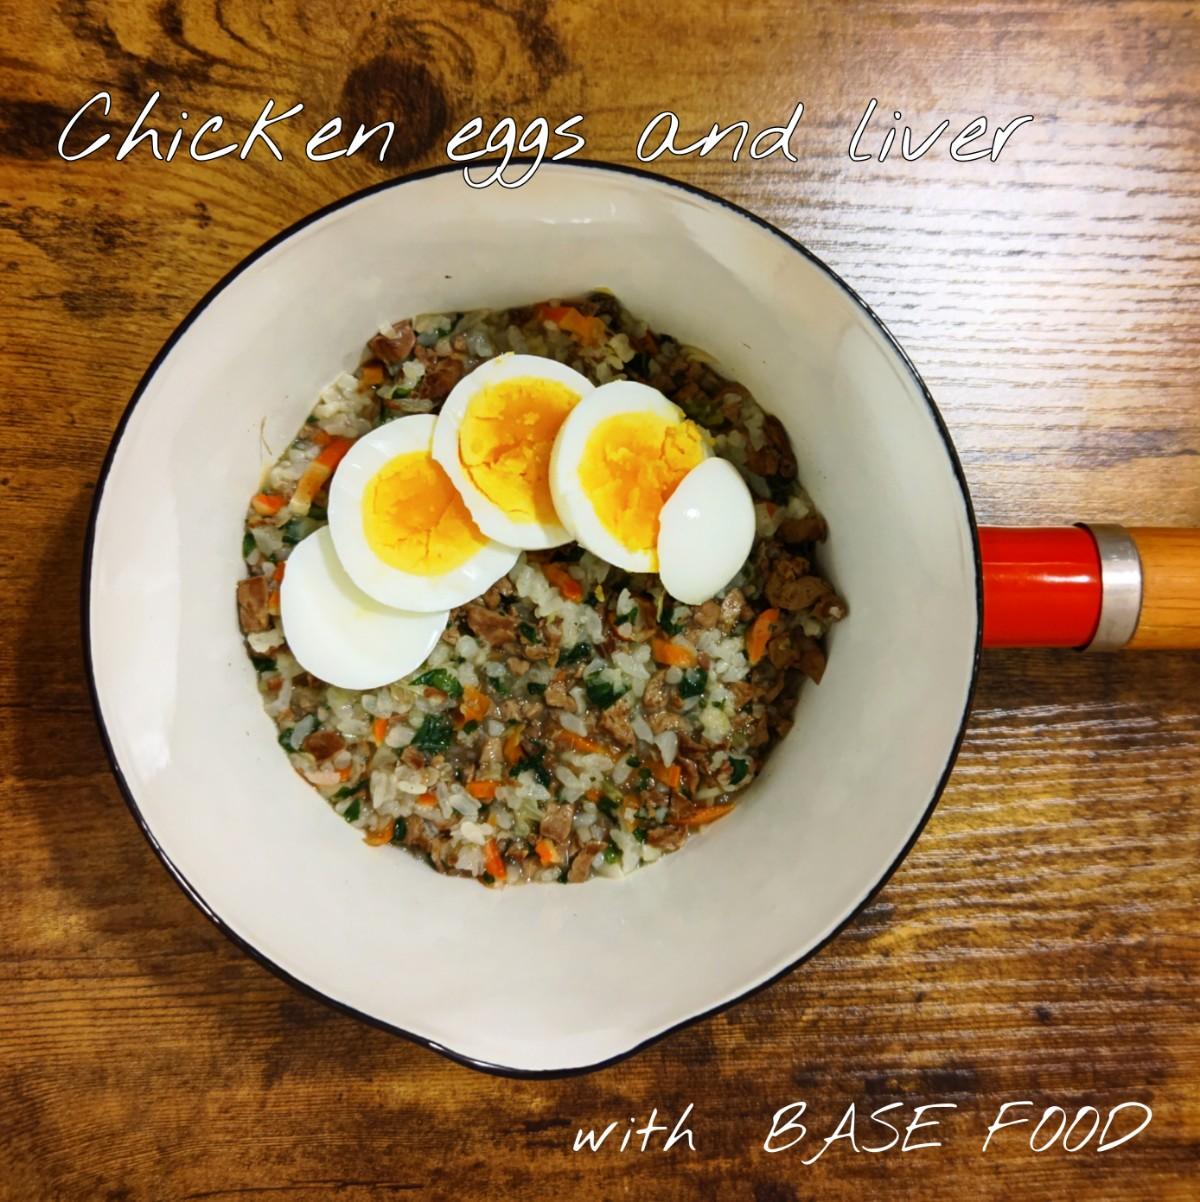 記事 鶏の卵&レバー with BASE FOODのアイキャッチ画像